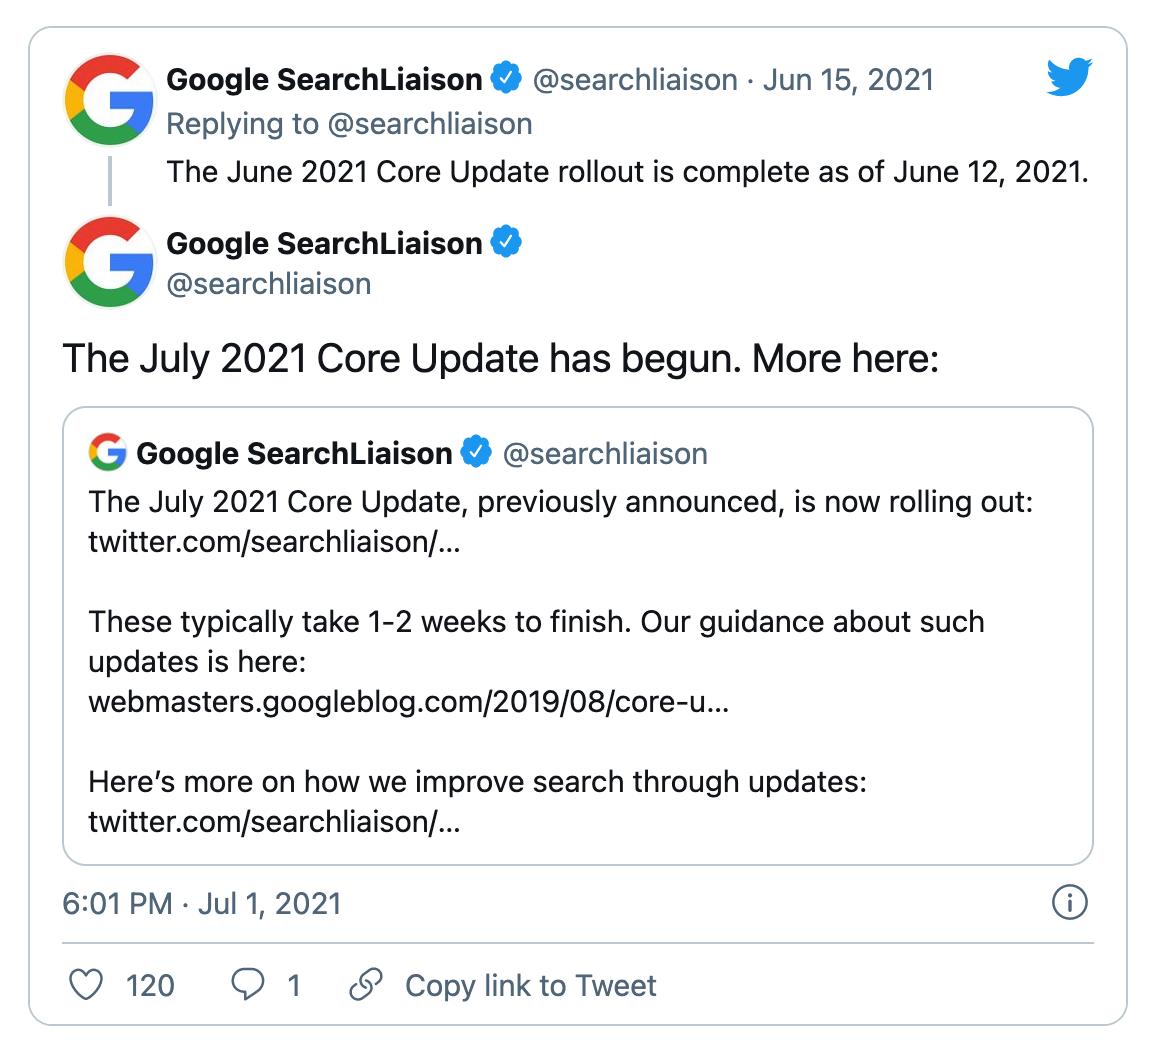 Annuncio del Core Update di luglio 2021